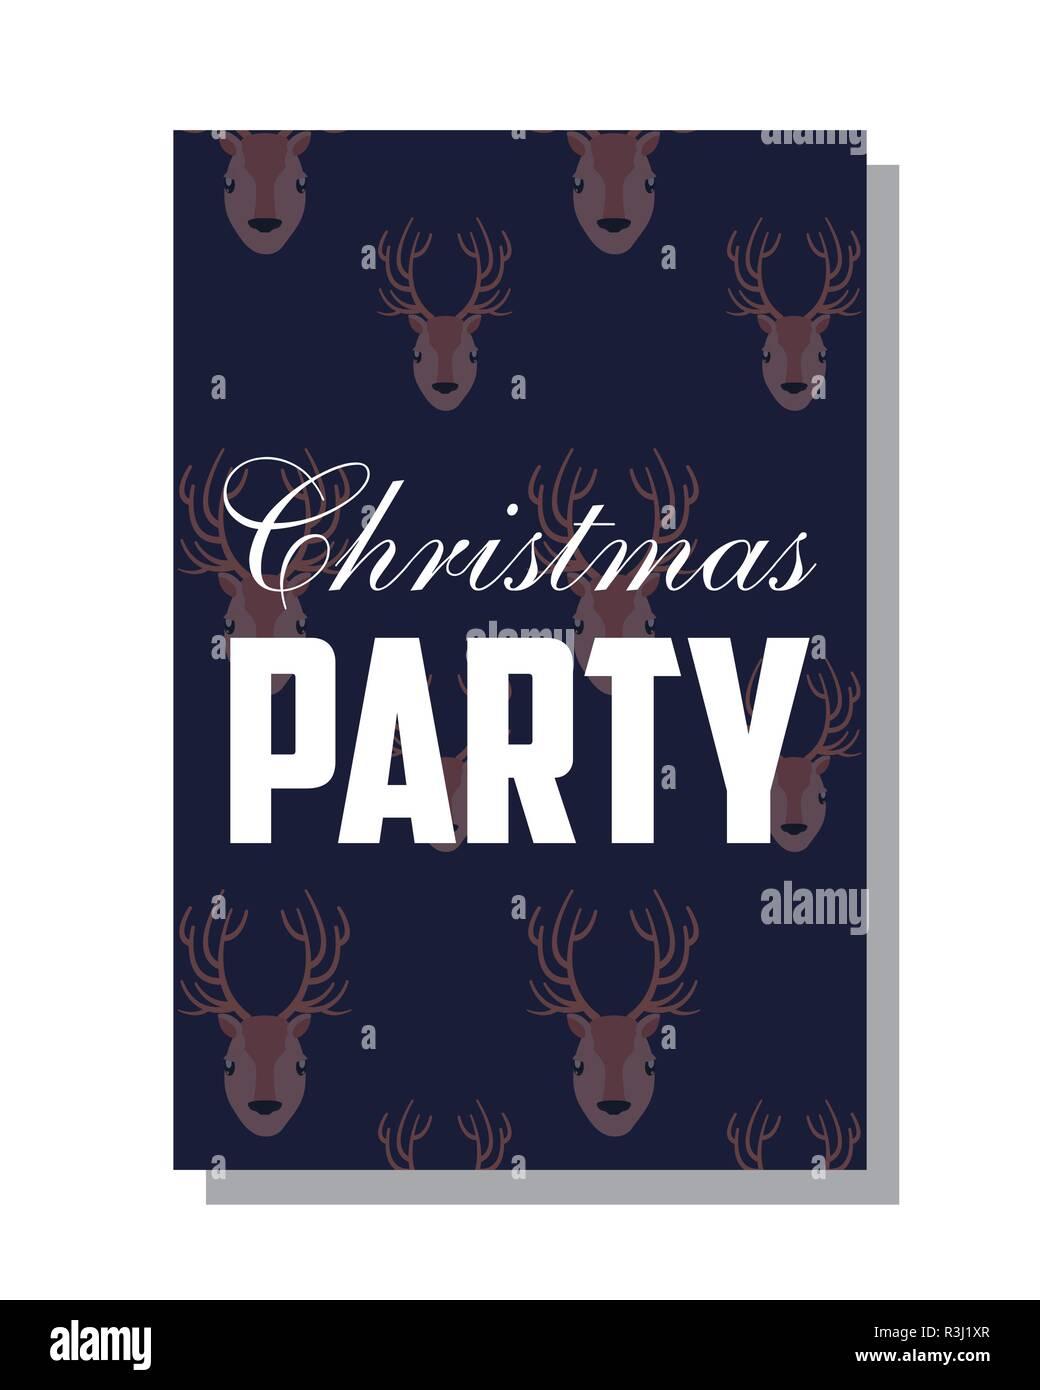 Party Rahmen Stockfotos & Party Rahmen Bilder - Alamy